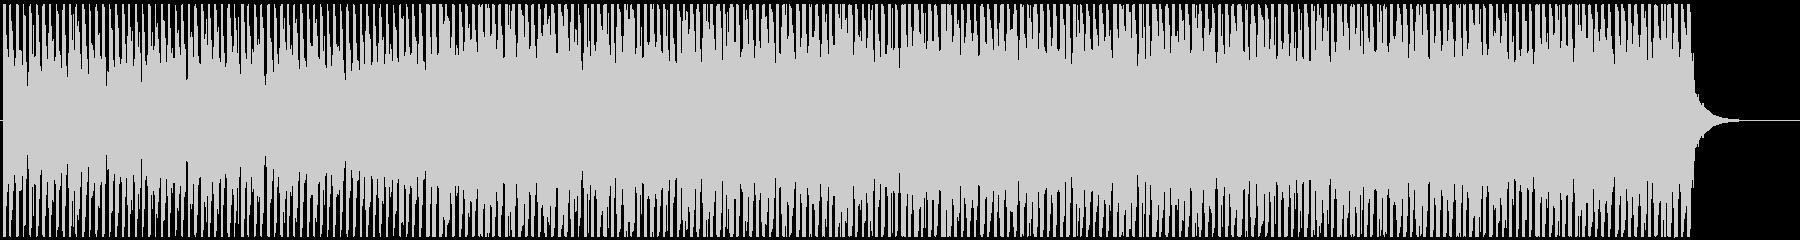 エレキギターハーモニクスが爽やかなポップの未再生の波形